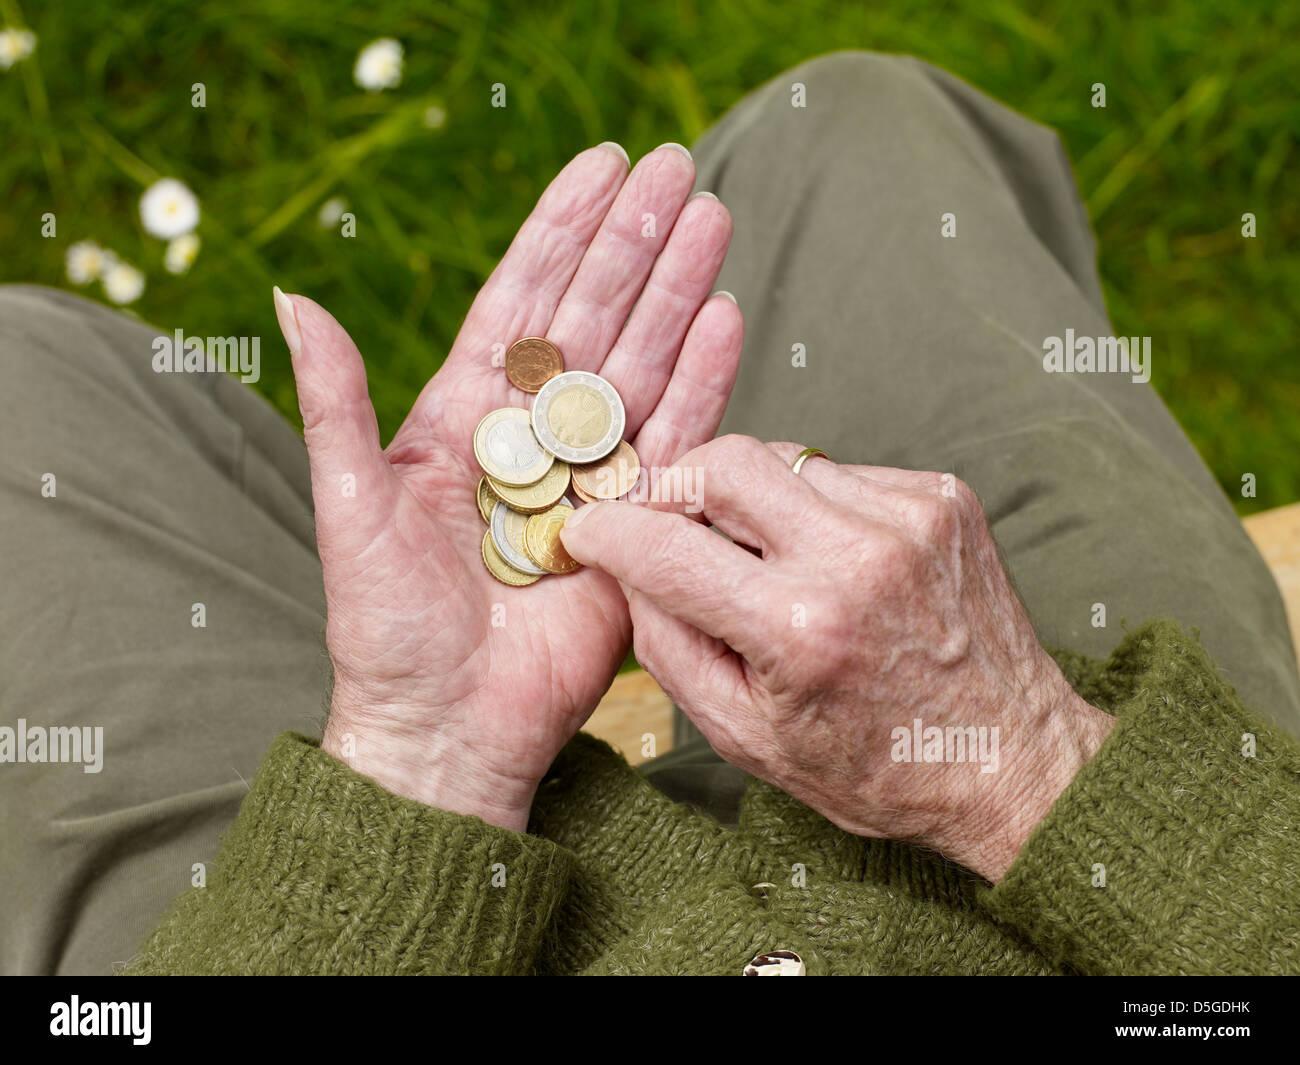 Le mani di un senior contando meno soldi, la povertà Immagini Stock